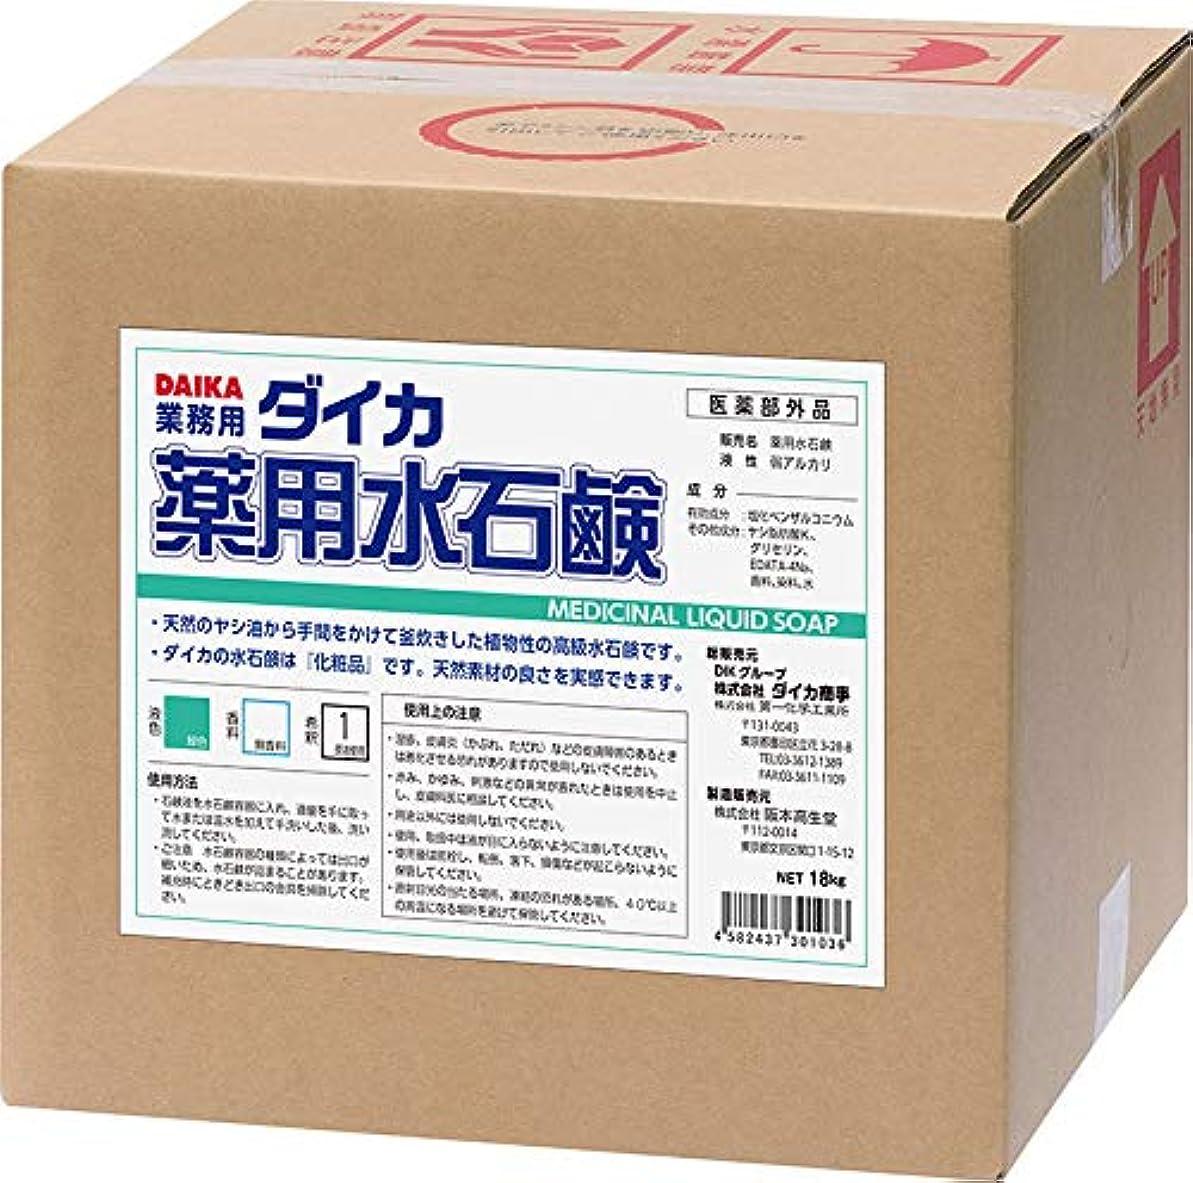 カストディアンショット転倒【医薬部外品】業務用 ハンドソープ ダイカ 薬用 水石鹸 MGN 18kg